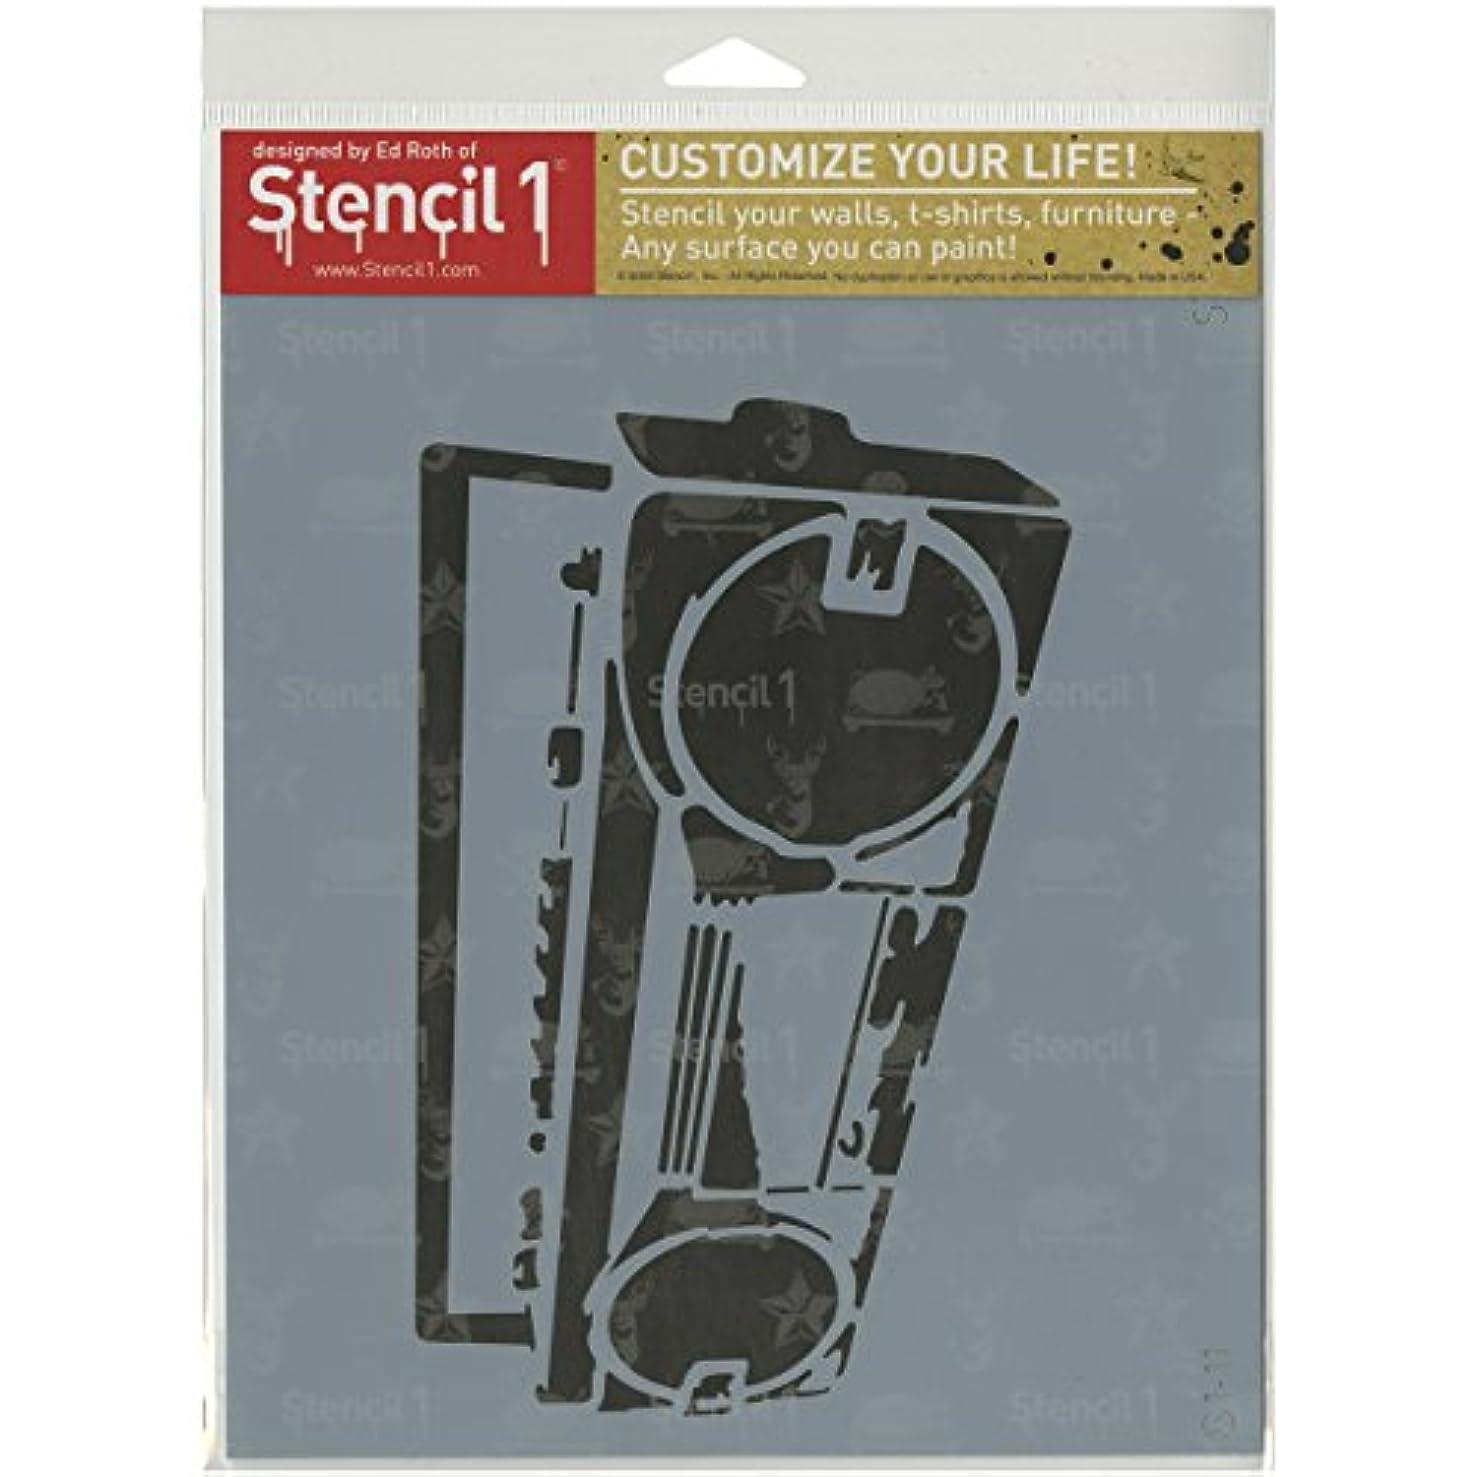 Stencil1 Boombox Stencil, 8.5 x 11